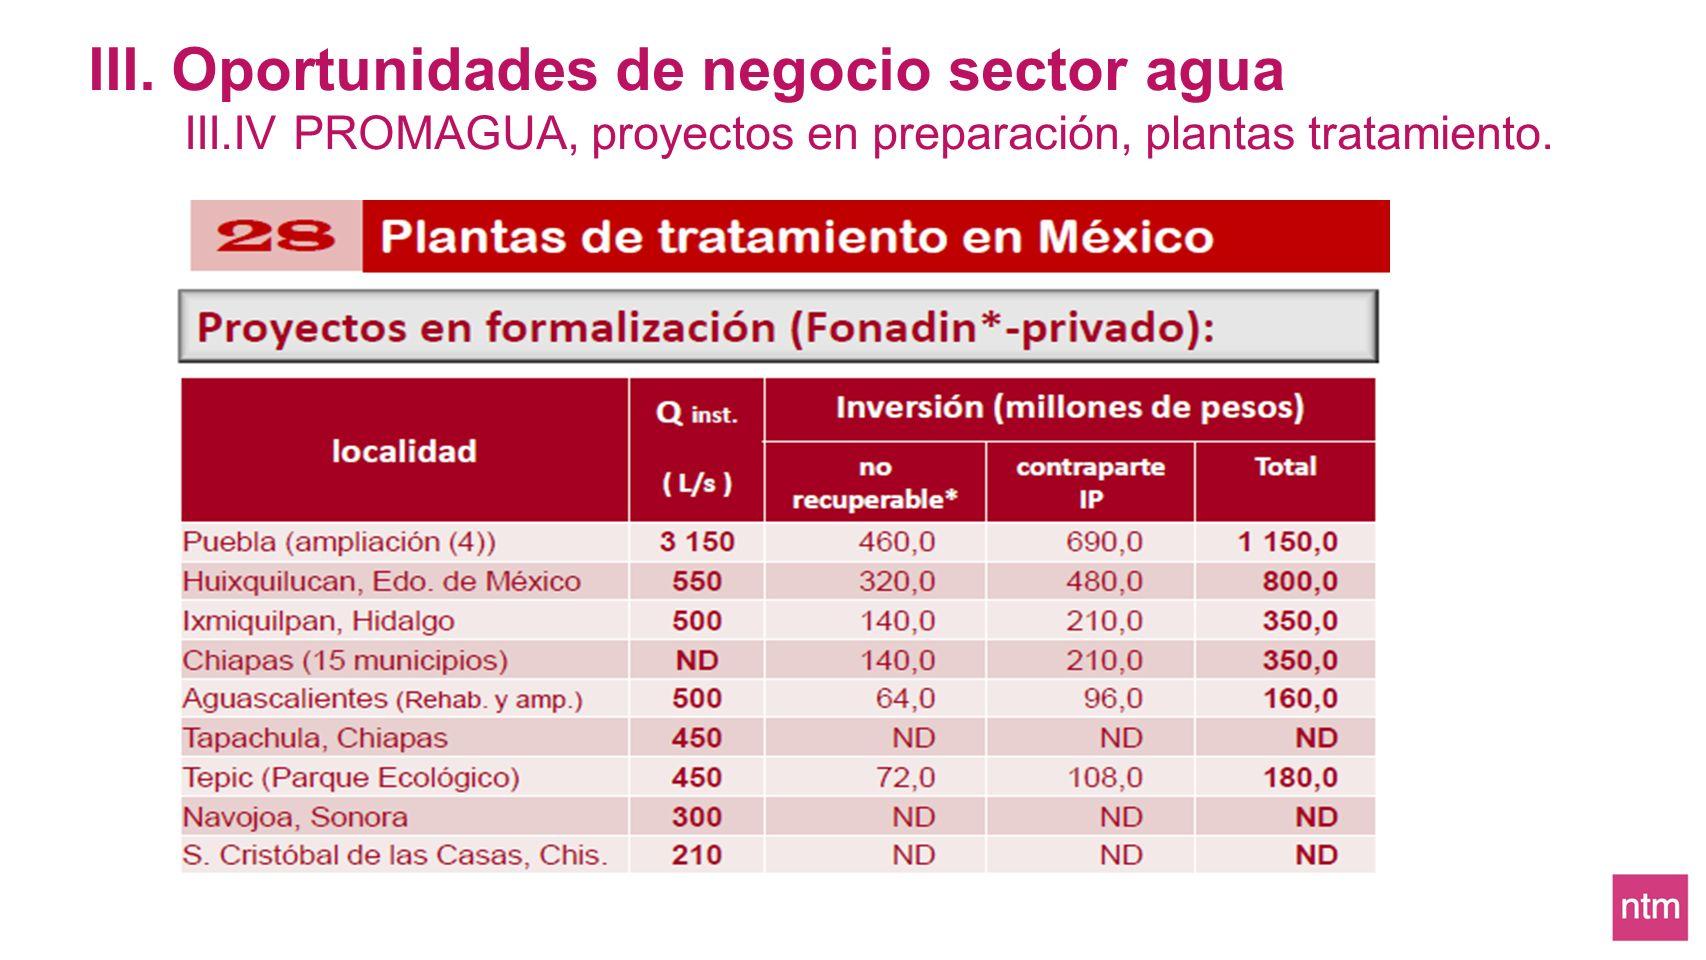 III. Oportunidades de negocio sector agua III.IV PROMAGUA, proyectos en preparación, plantas tratamiento.